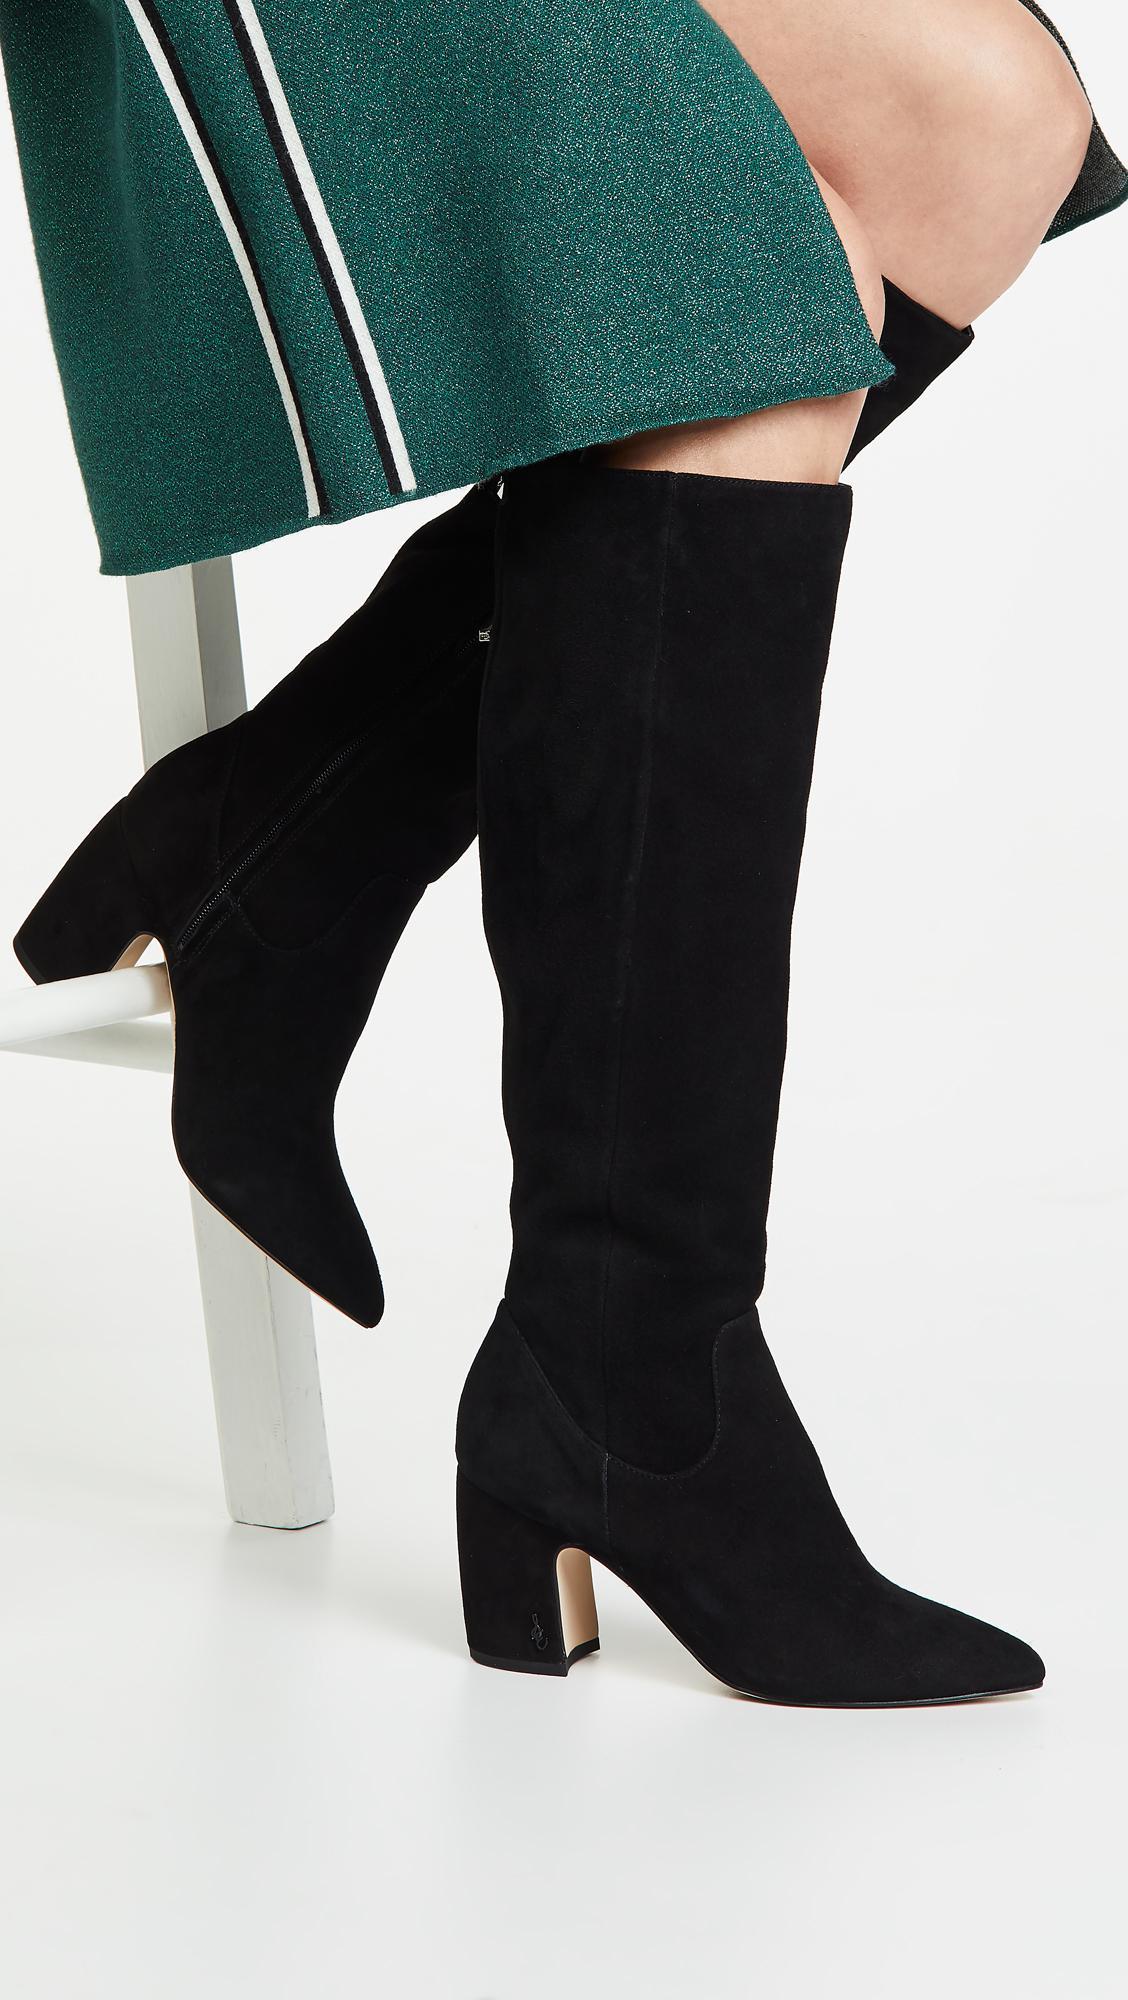 sam edelman hai boots